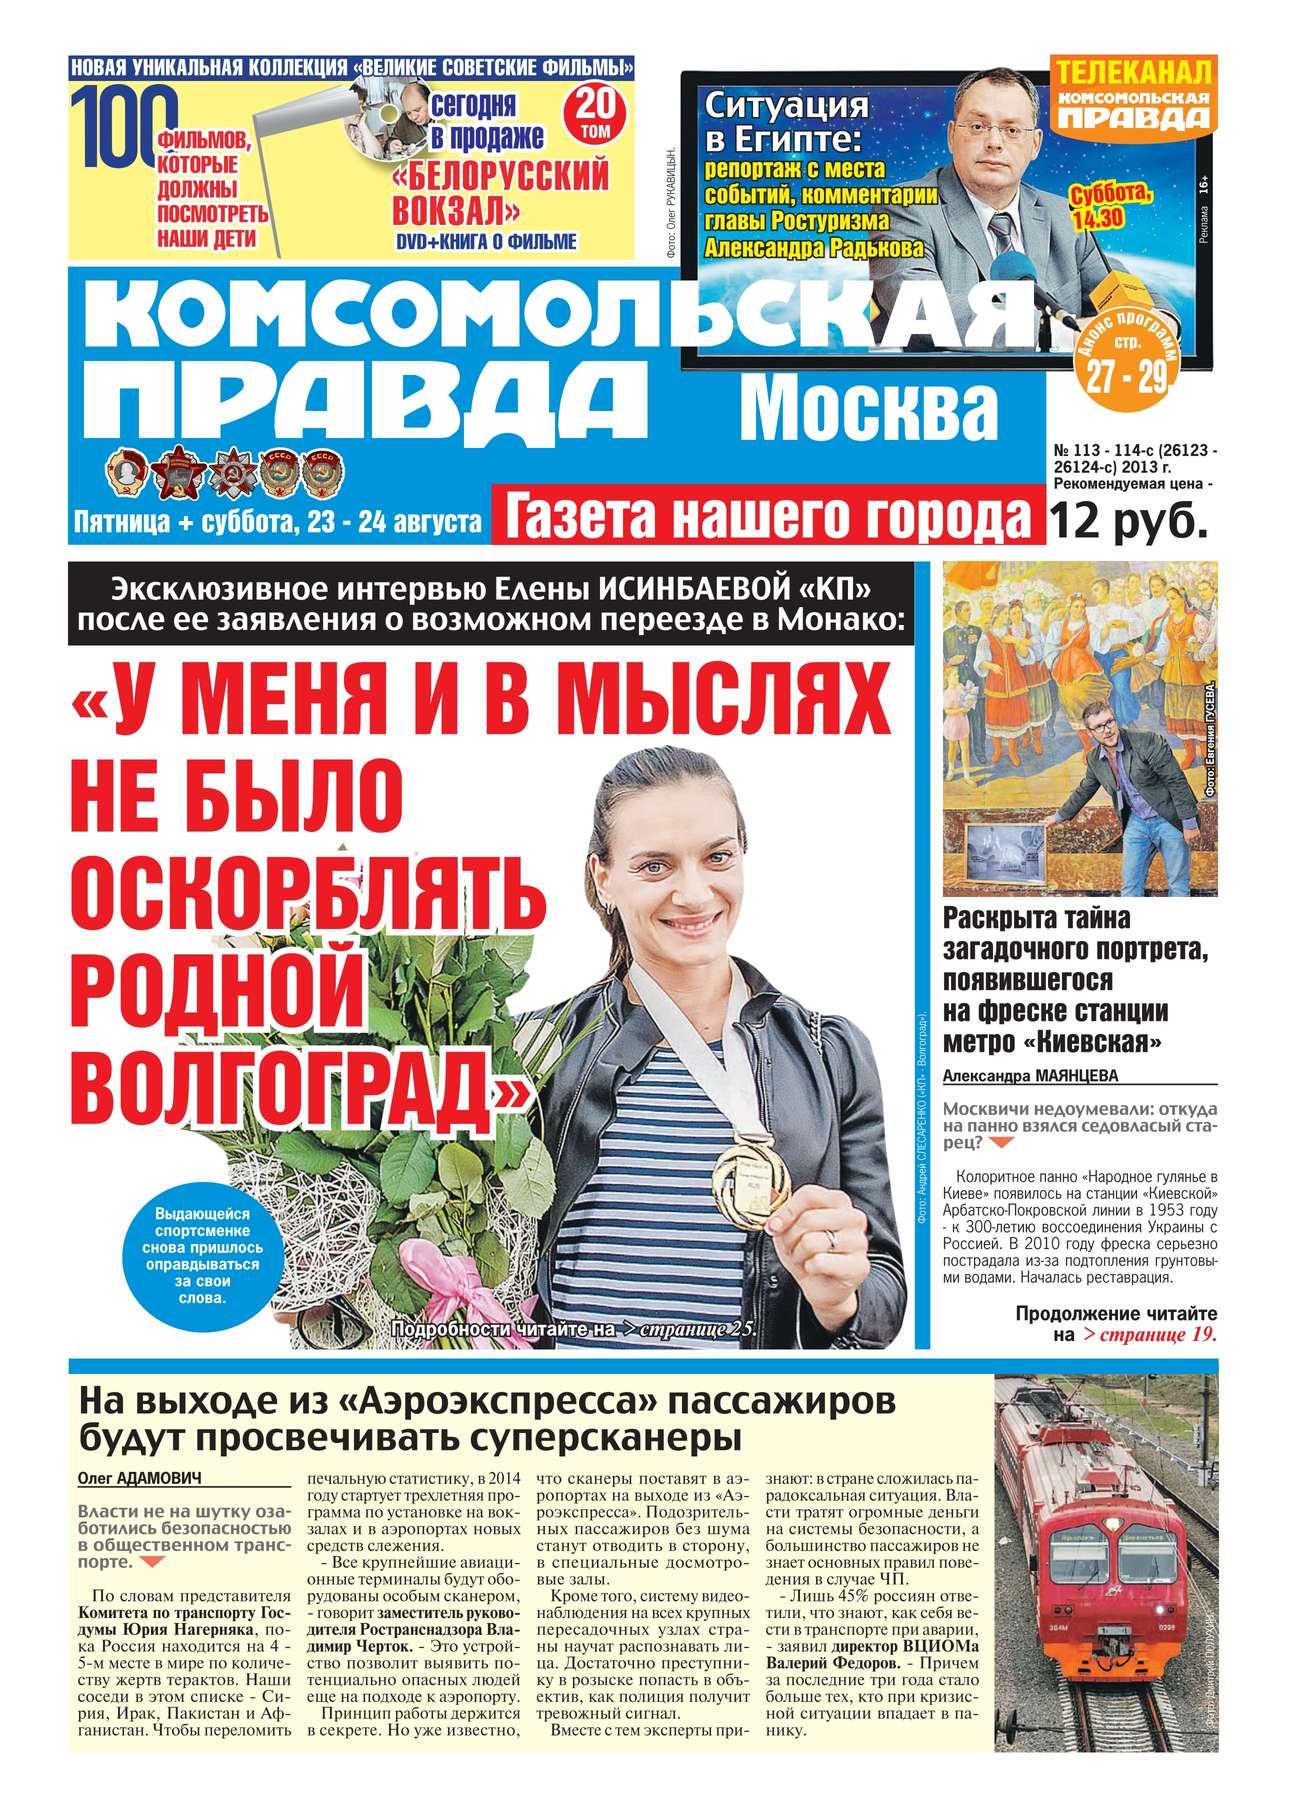 Комсомольская Правда. Москва 113-114-c